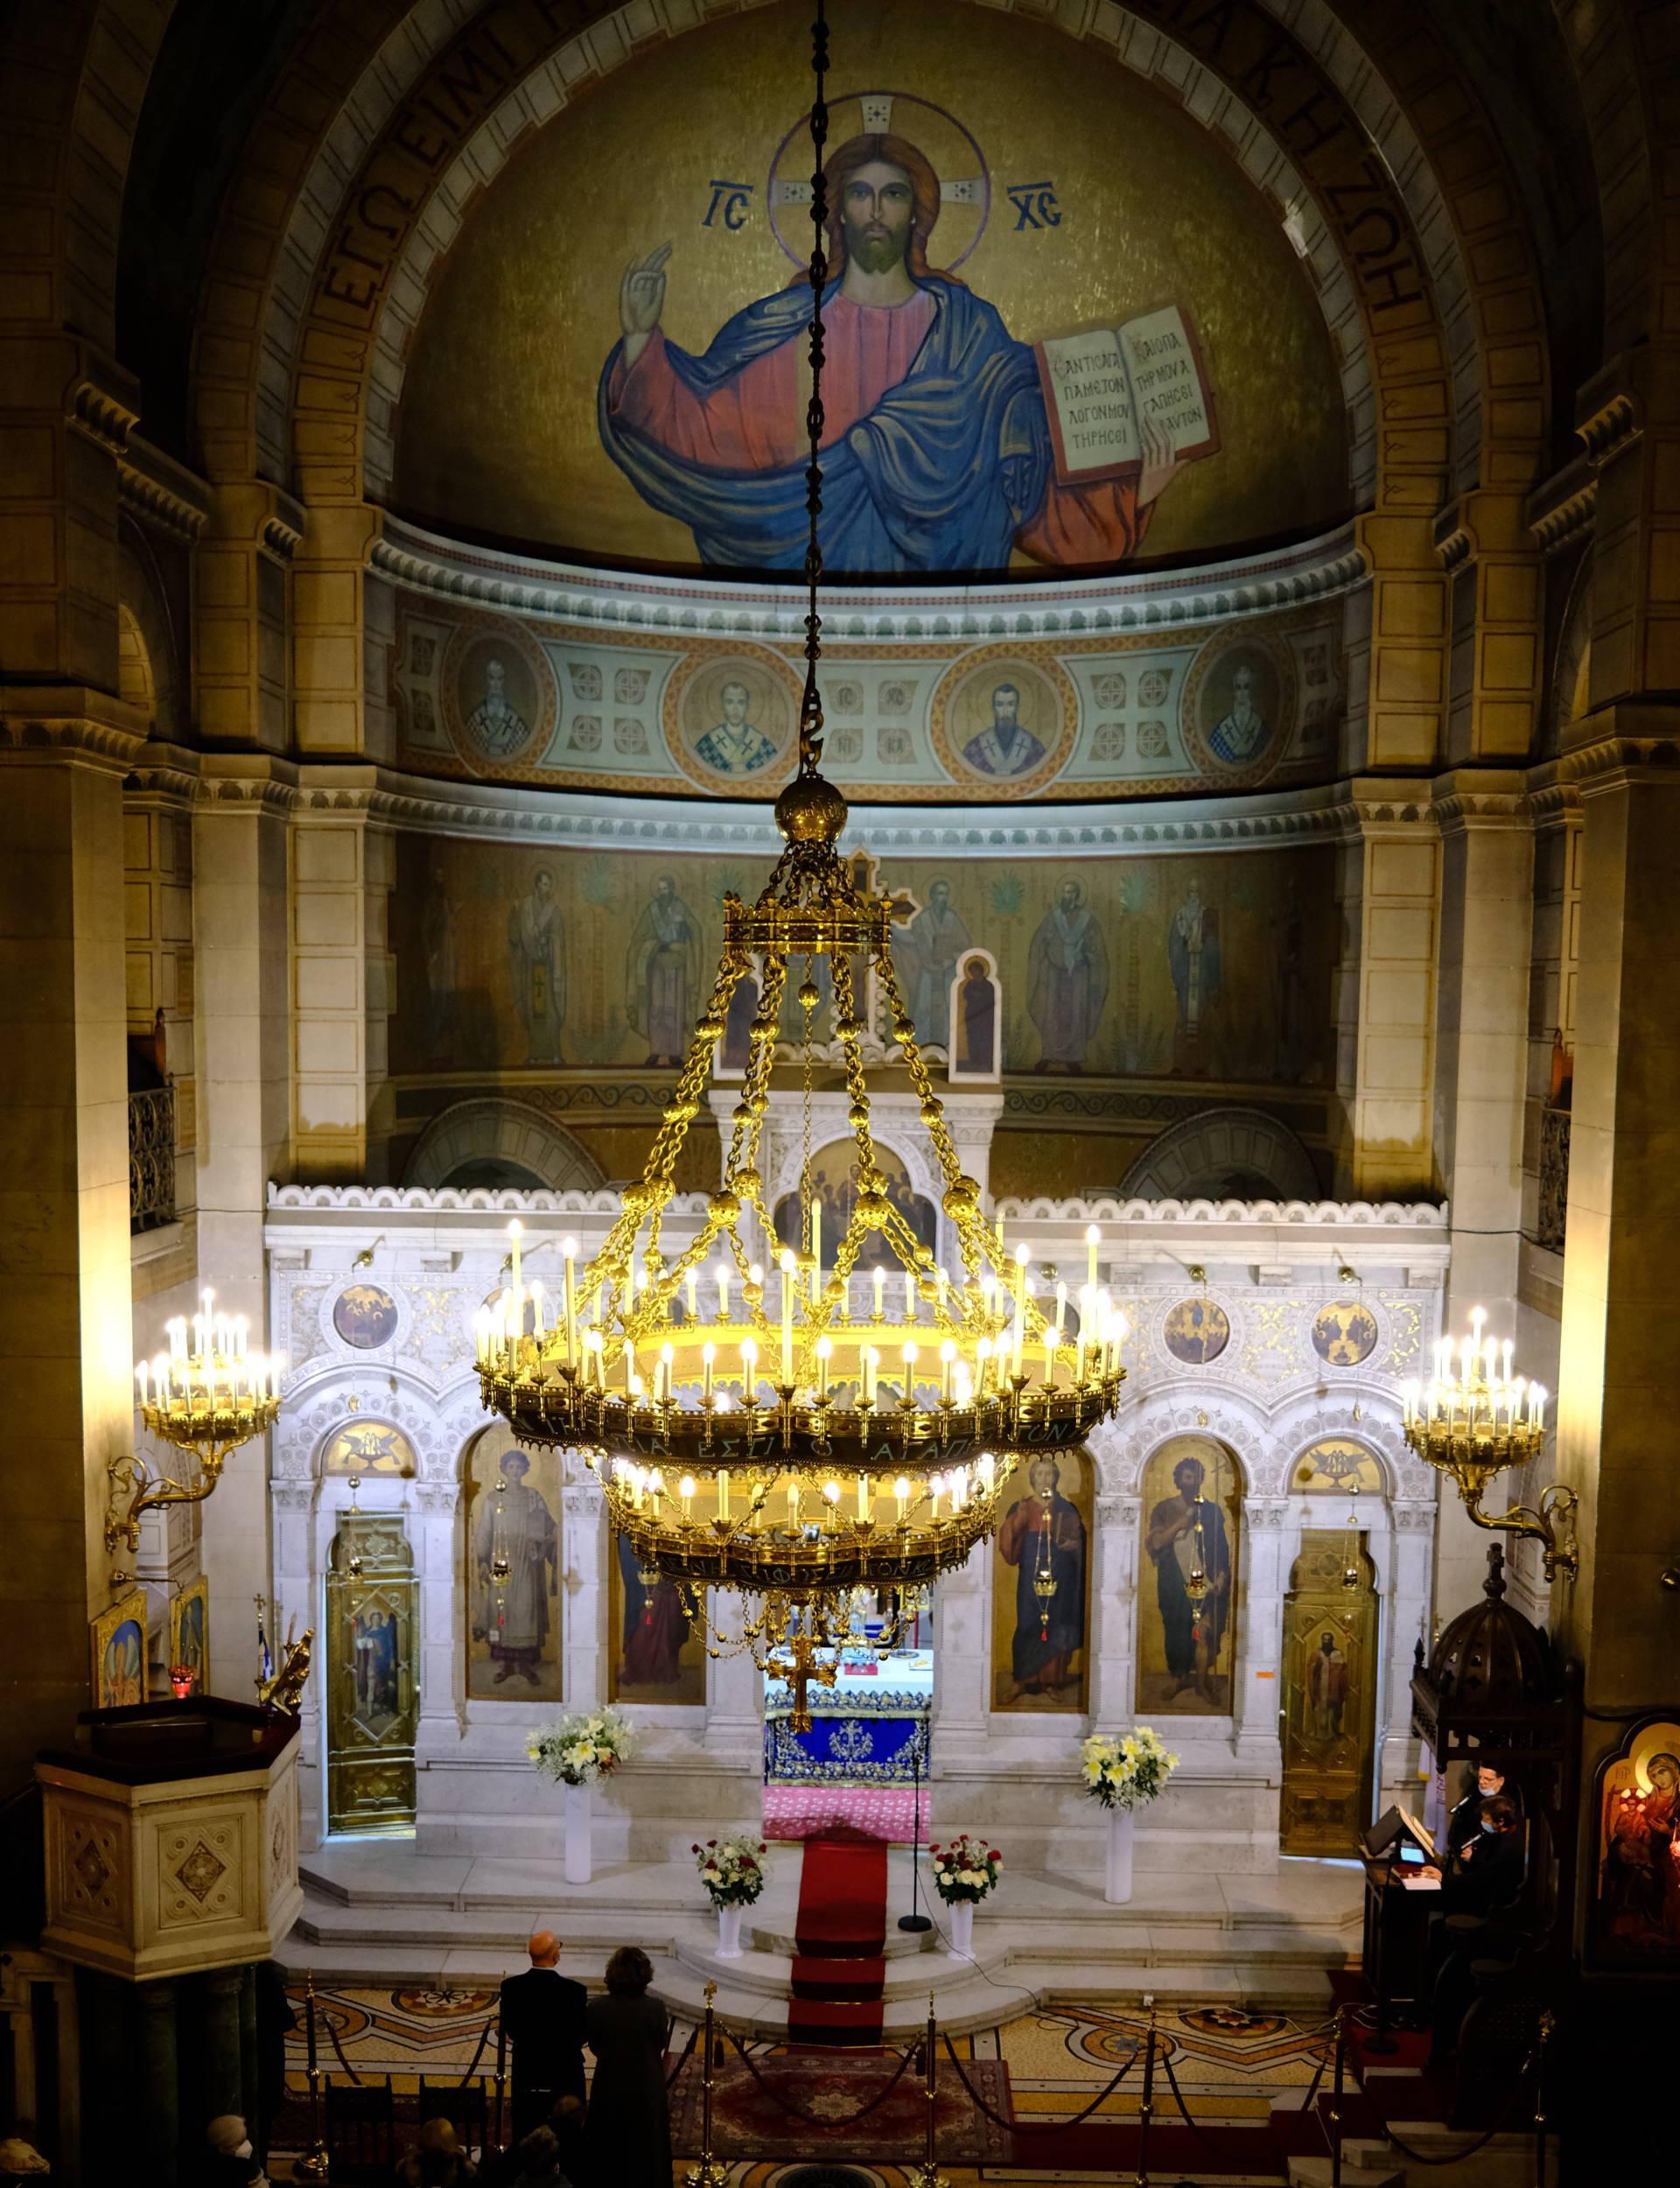 DSCF3557  - Οι Έλληνες του Παρισιού εόρτασαν τα Θεοφάνεια (φωτο)